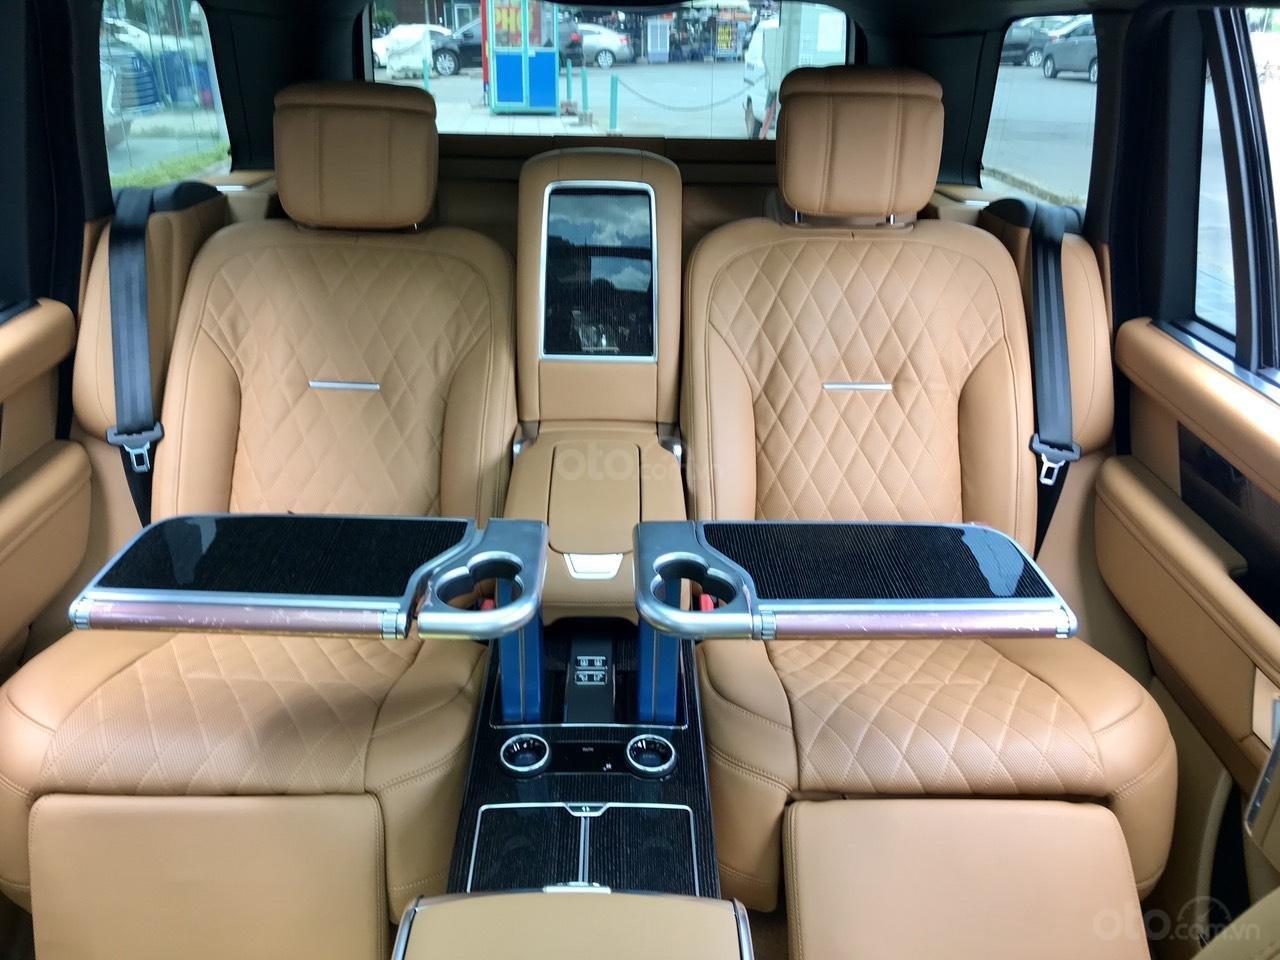 Bán xe Range Rover SV Autobiography 3.0 màu đỏ 2020, xe có sẵn giao ngay toàn quốc, giá tốt LH Ms Hương (9)